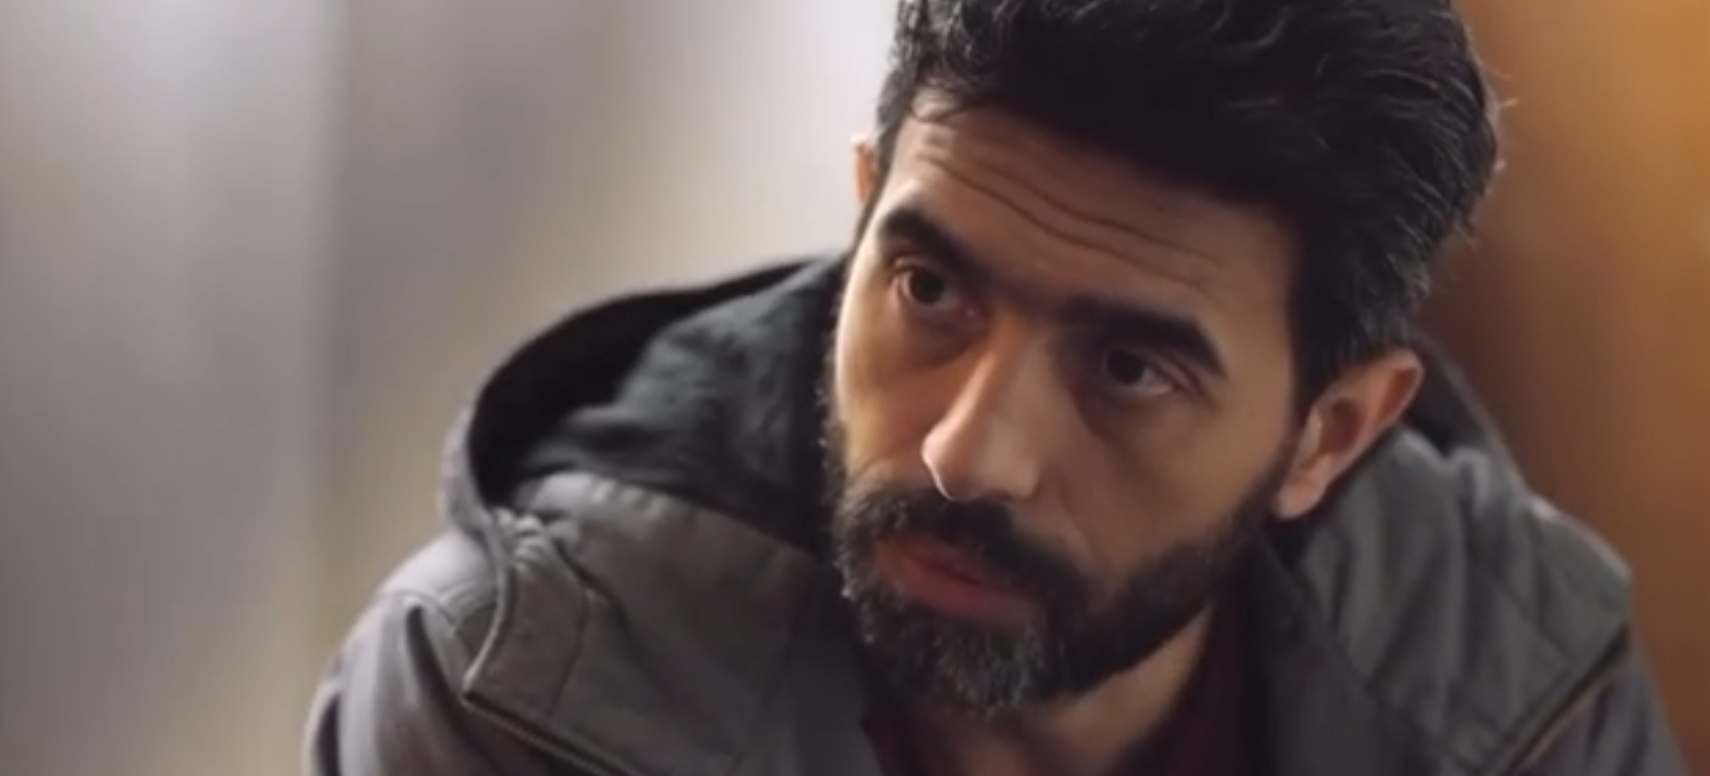 """عمرو عابد يبحث عن والدته في الحلقة الأولى من """"القمر أخر الدنيا ..."""